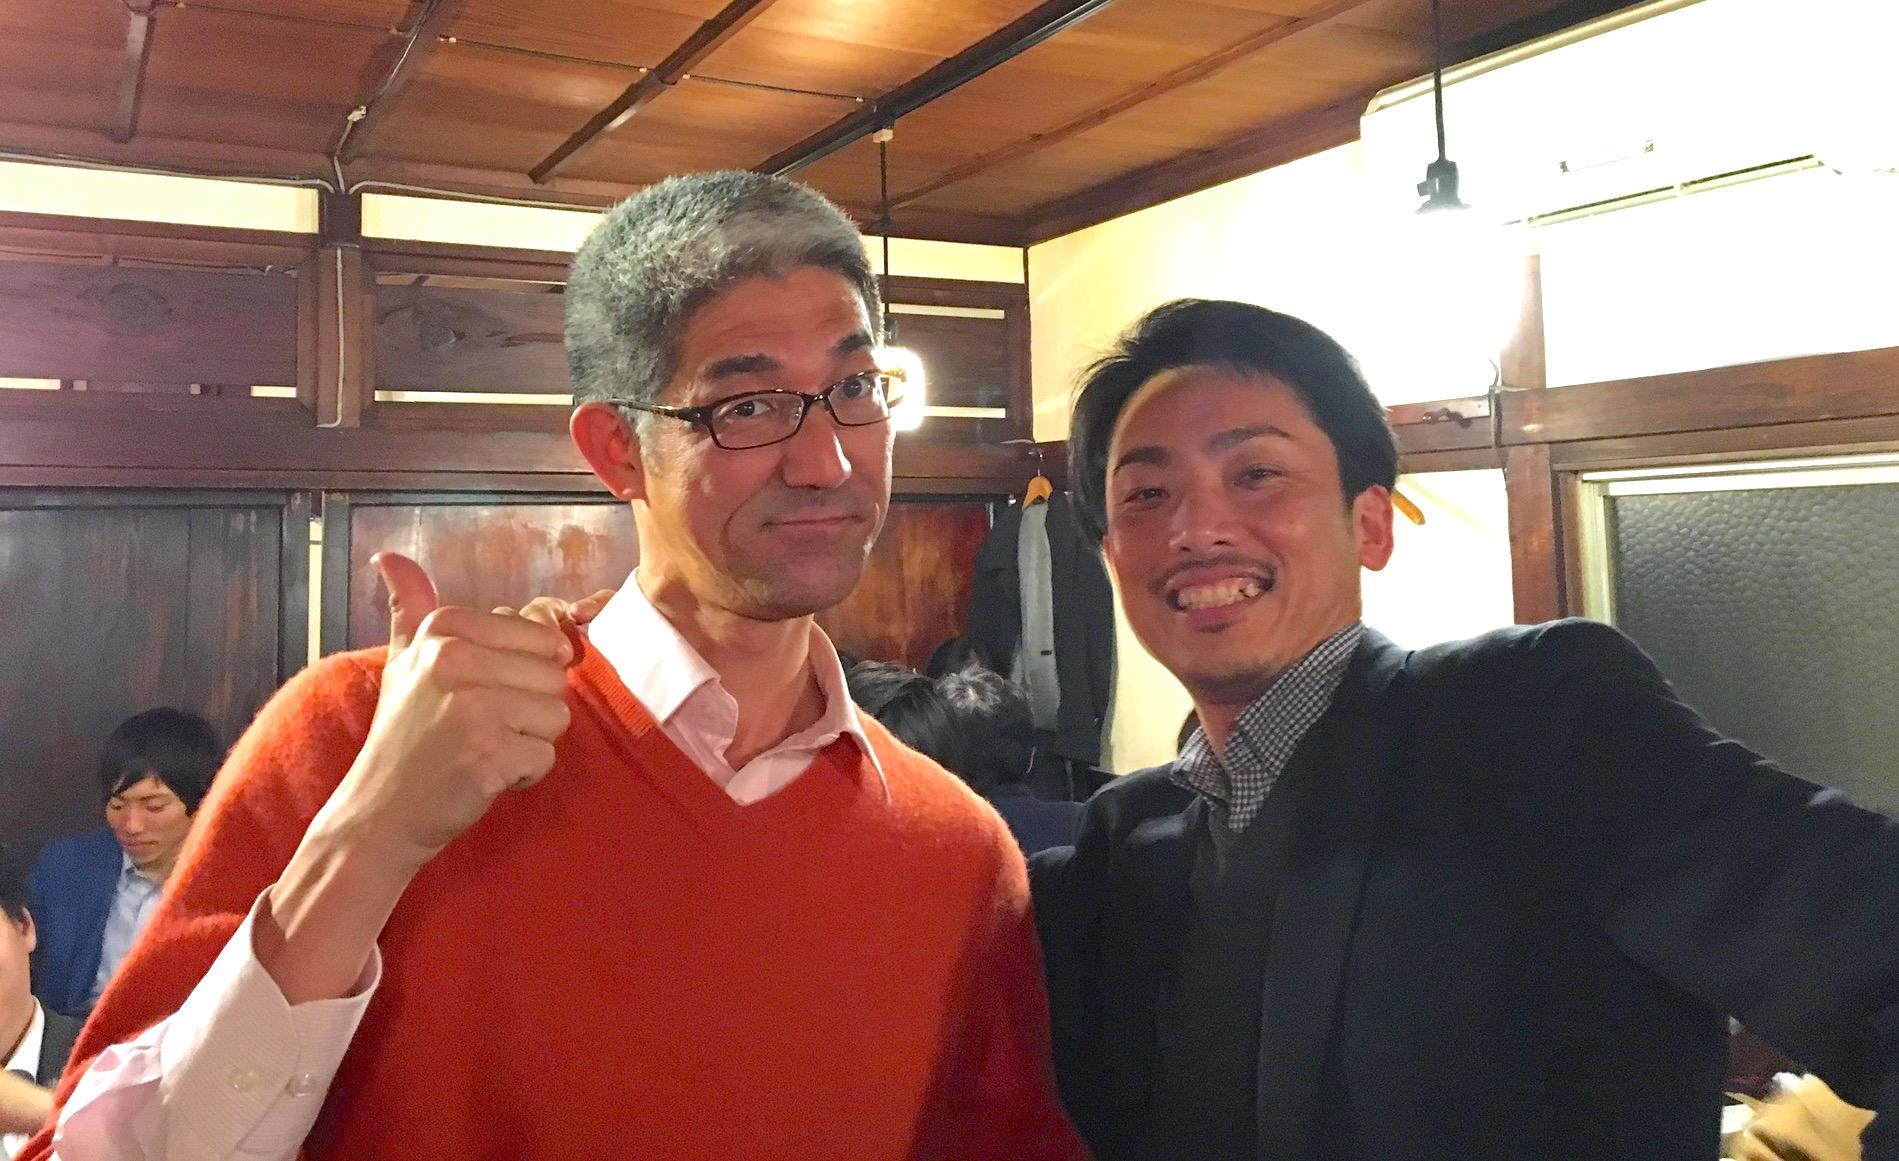 オカケンさんの会社で「働き方革命セミナー」&会社の飲み会っていいなぁ